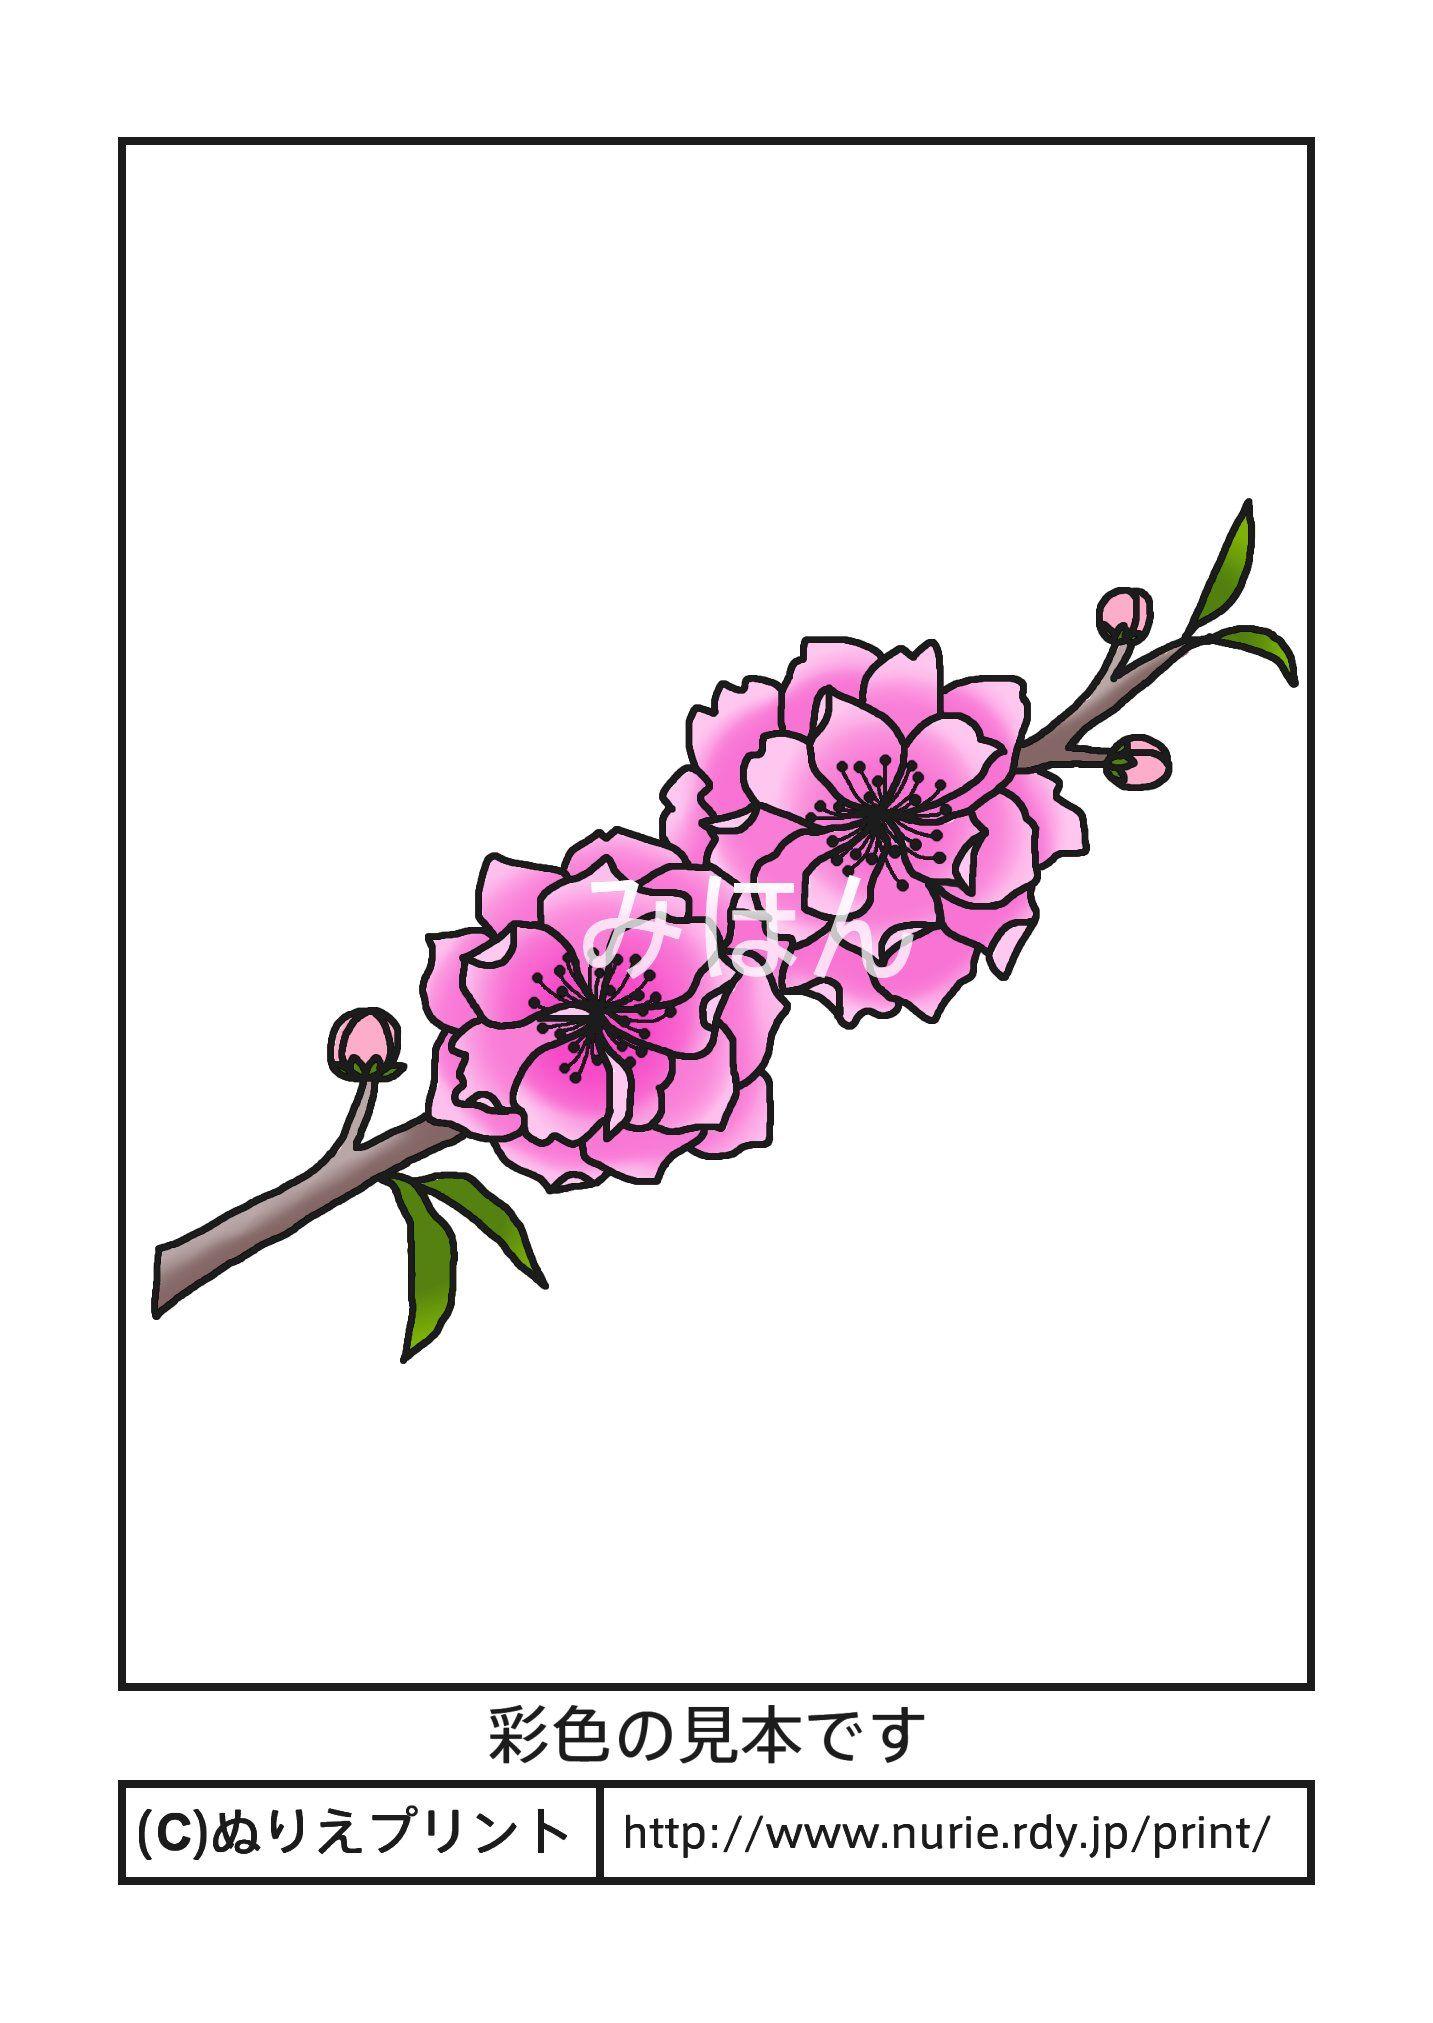 モモ彩色見本春の花無料塗り絵イラストぬりえプリント A